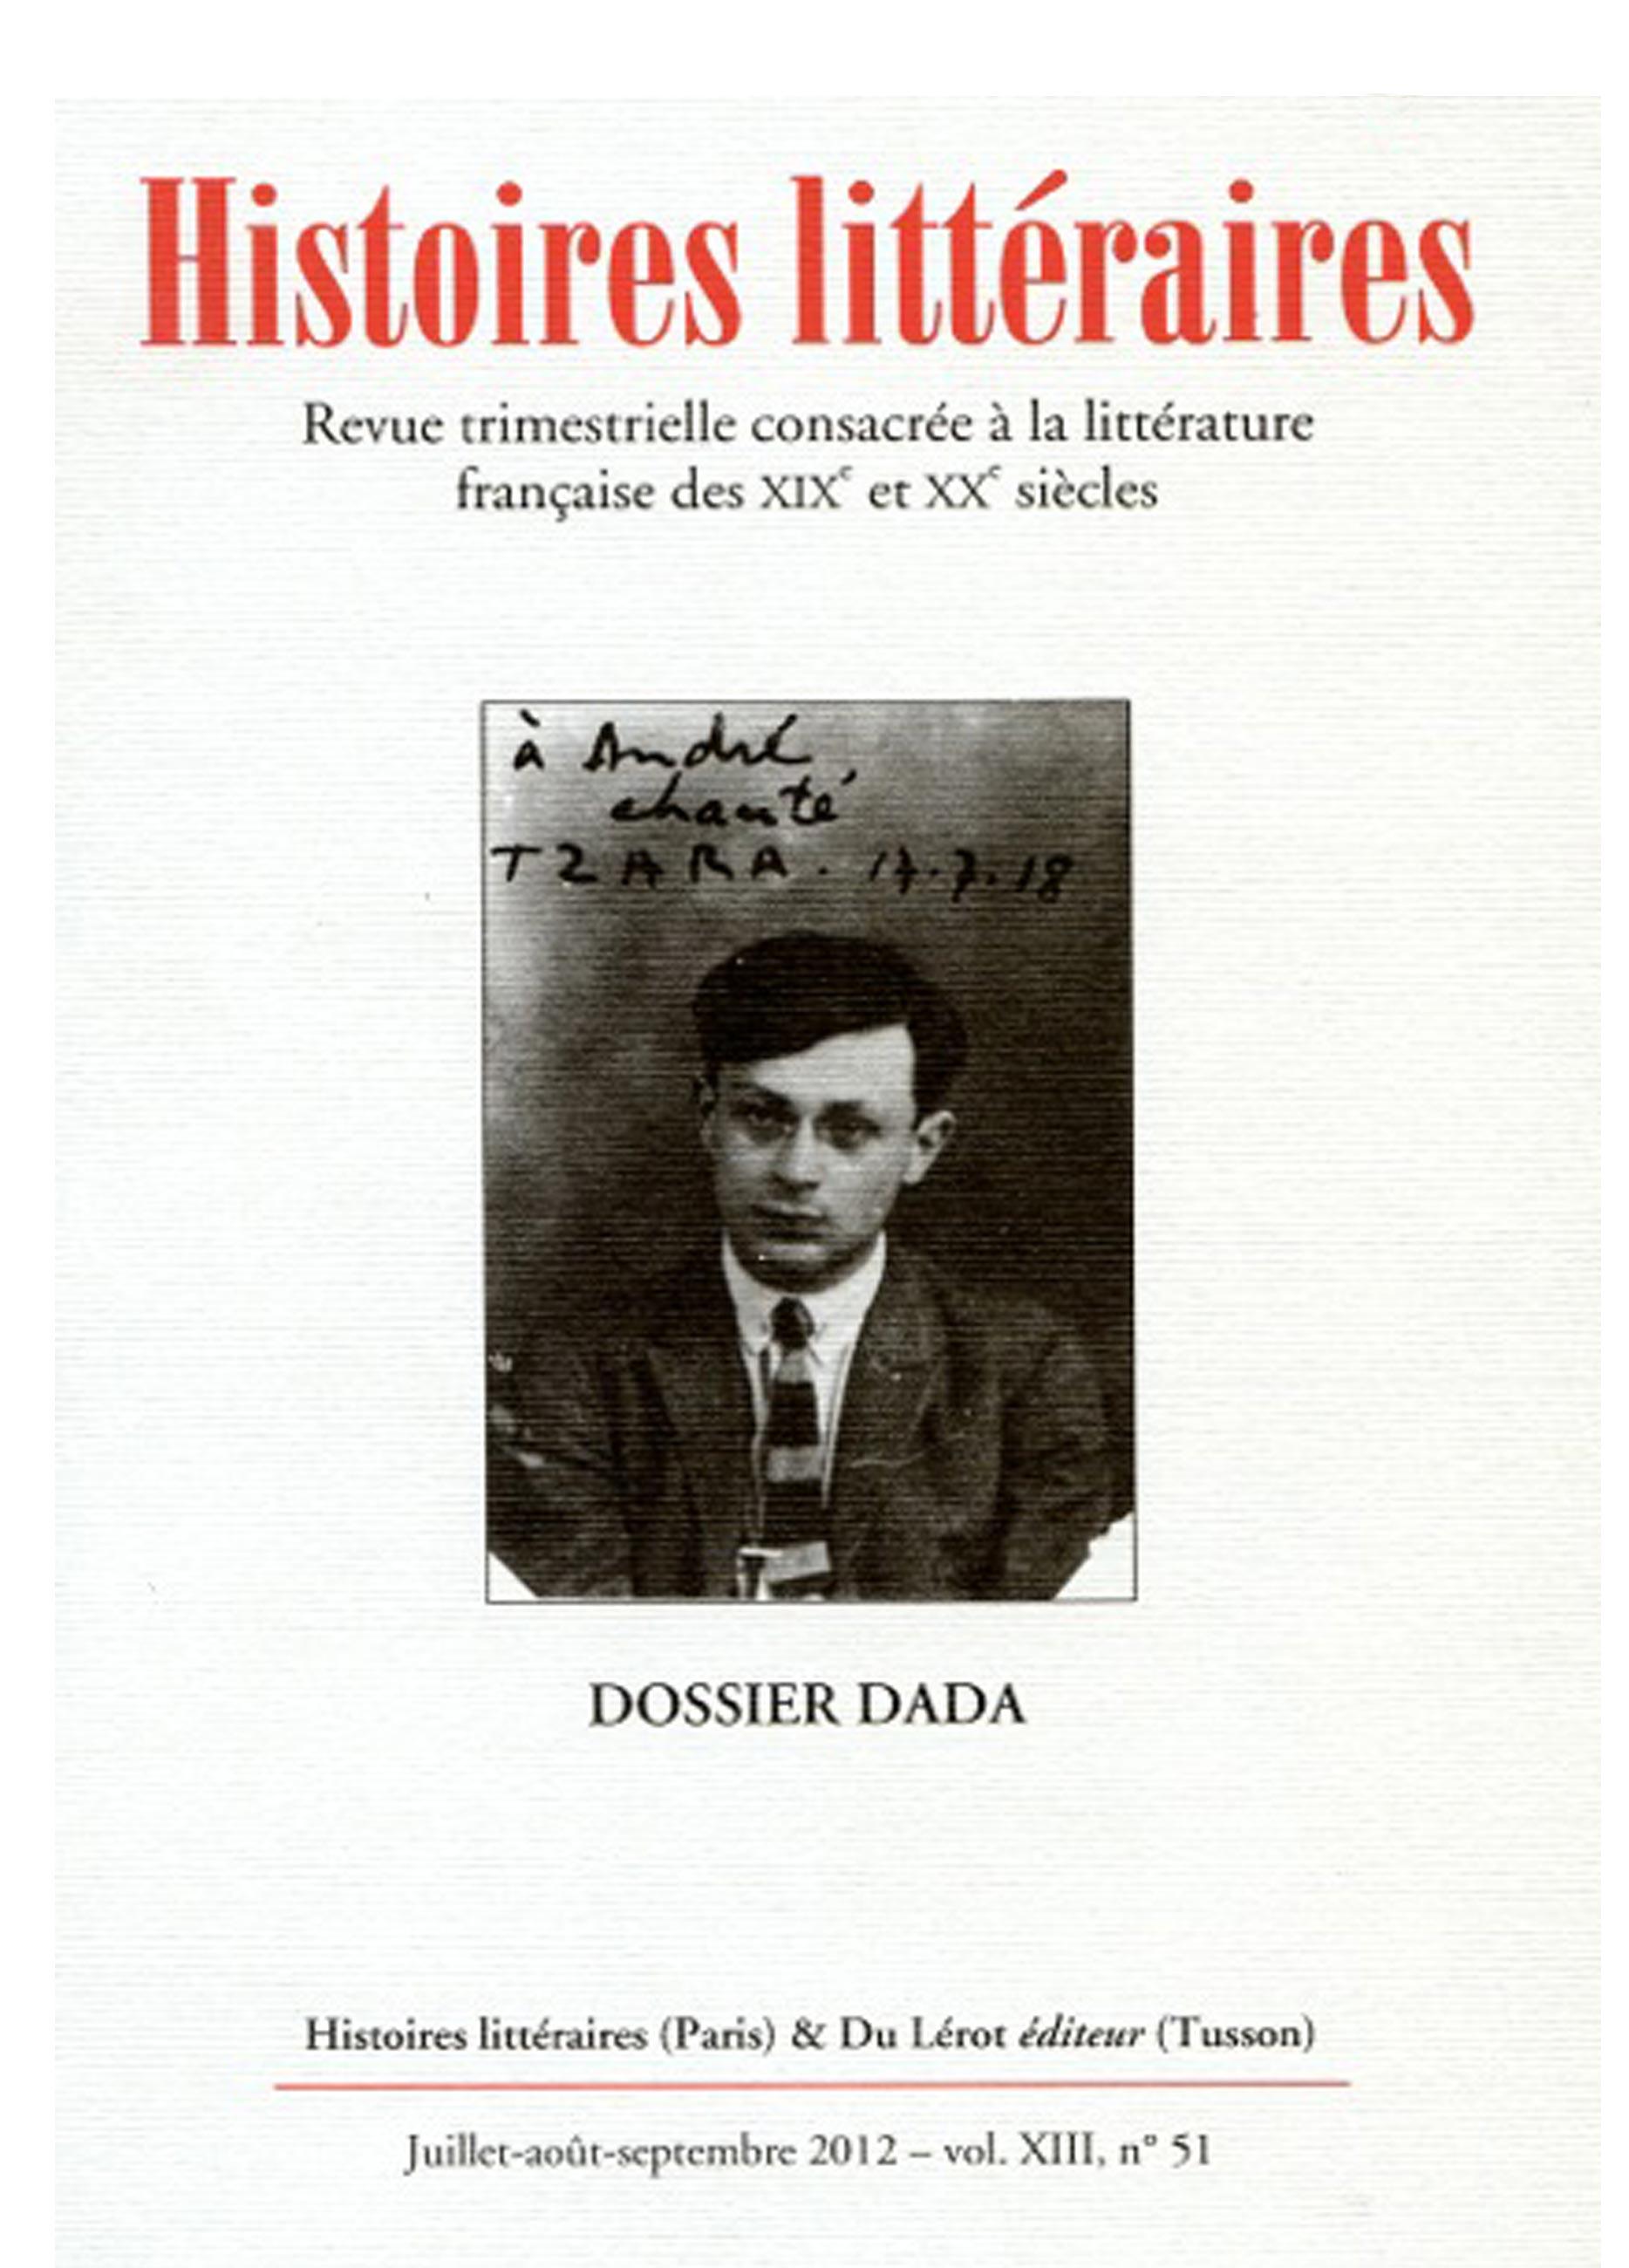 Couverture d'Histoires littéraires n°51